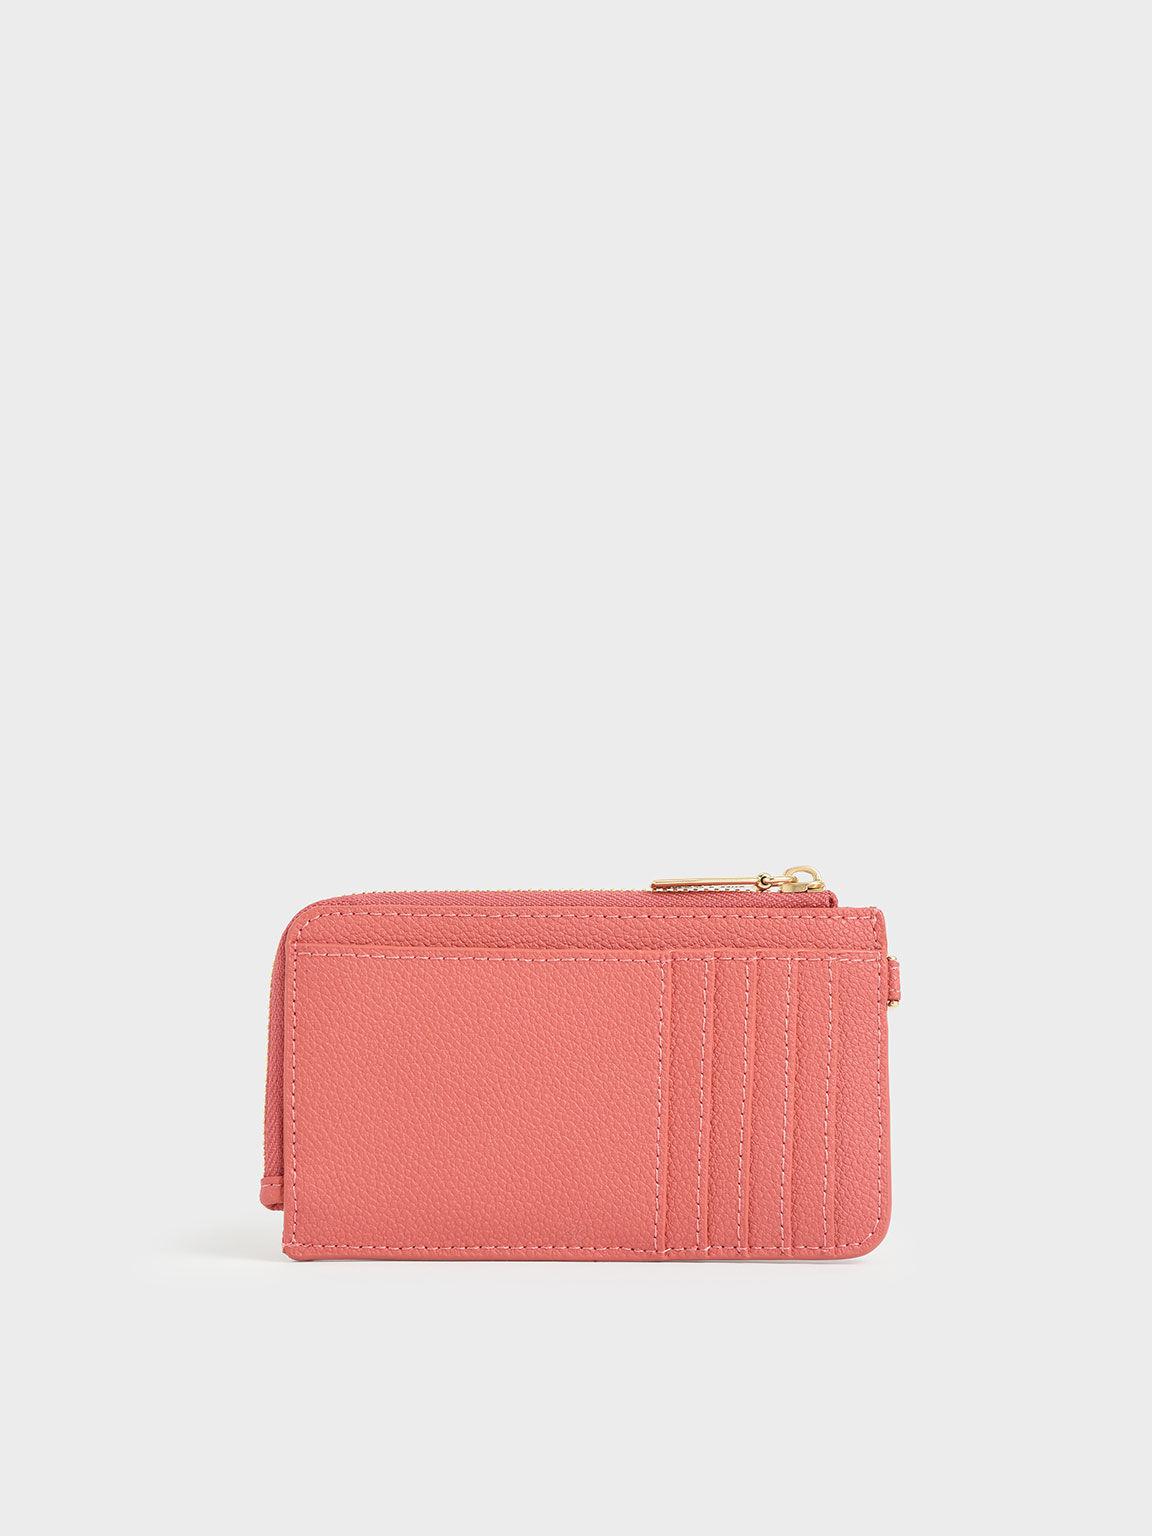 Multi-Slot Wristlet Card Holder, Coral, hi-res